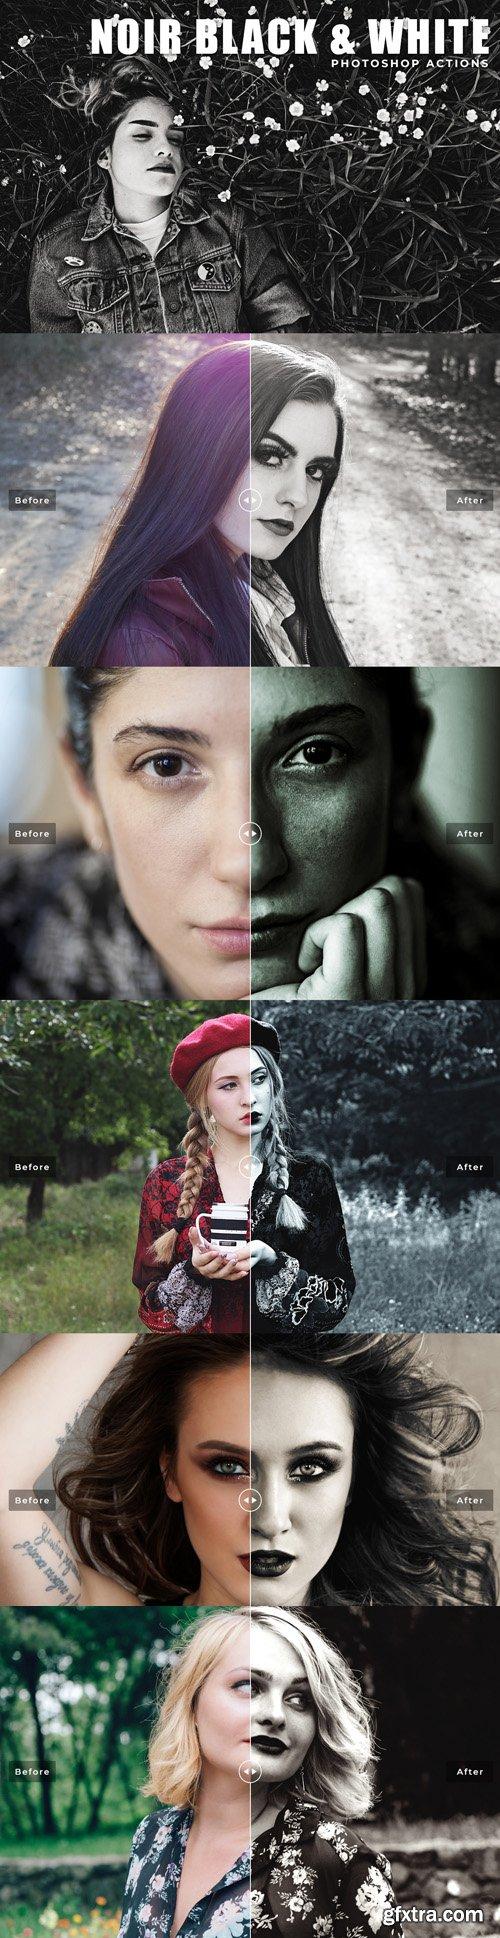 Noir Black & White Photoshop Actions